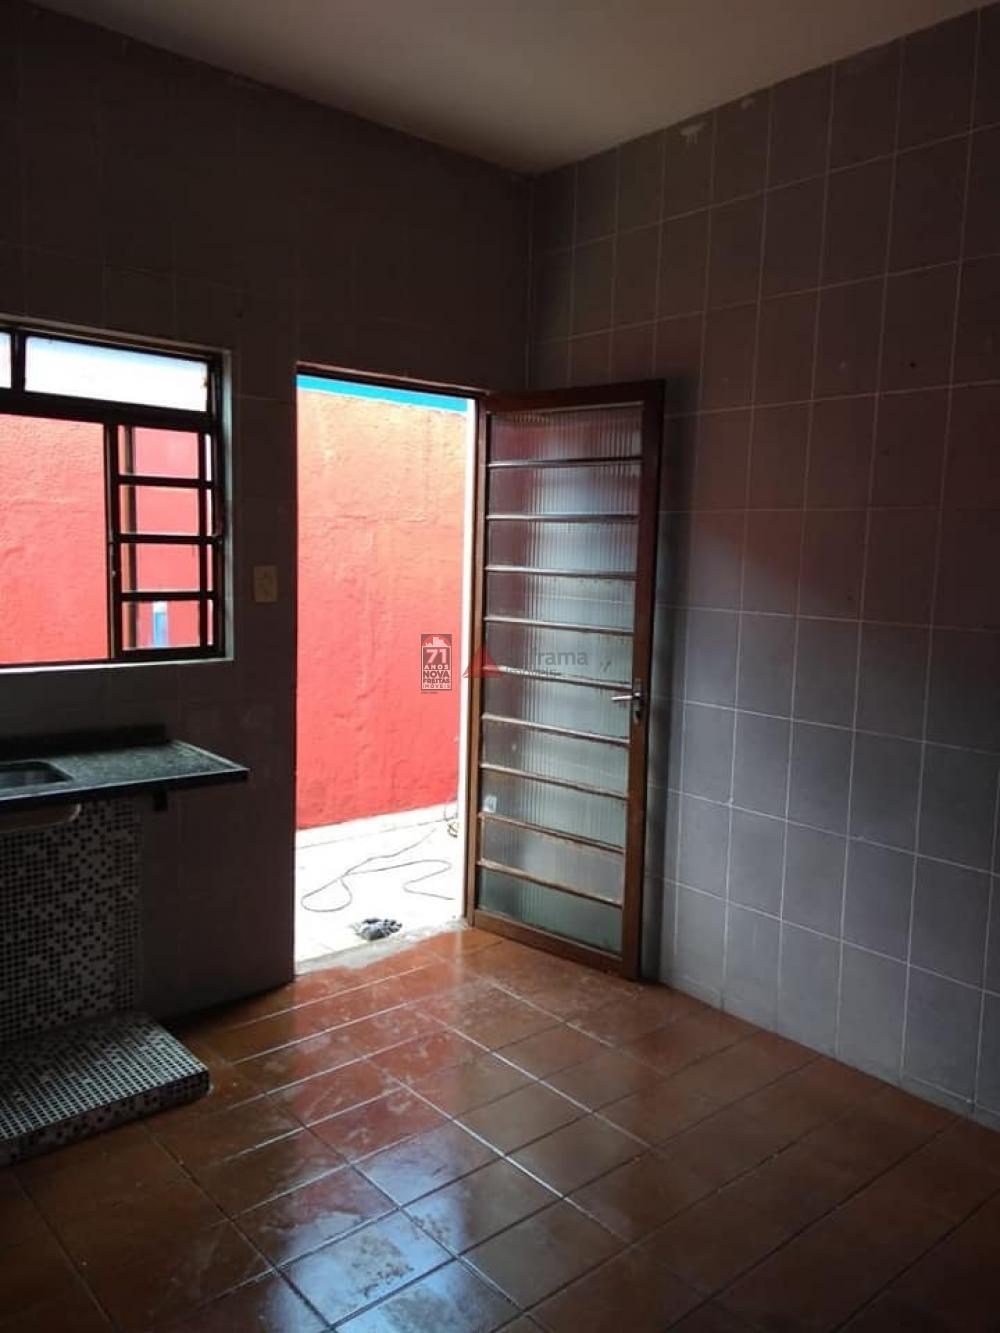 Comprar Casa / Padrão em São José dos Campos apenas R$ 210.000,00 - Foto 5